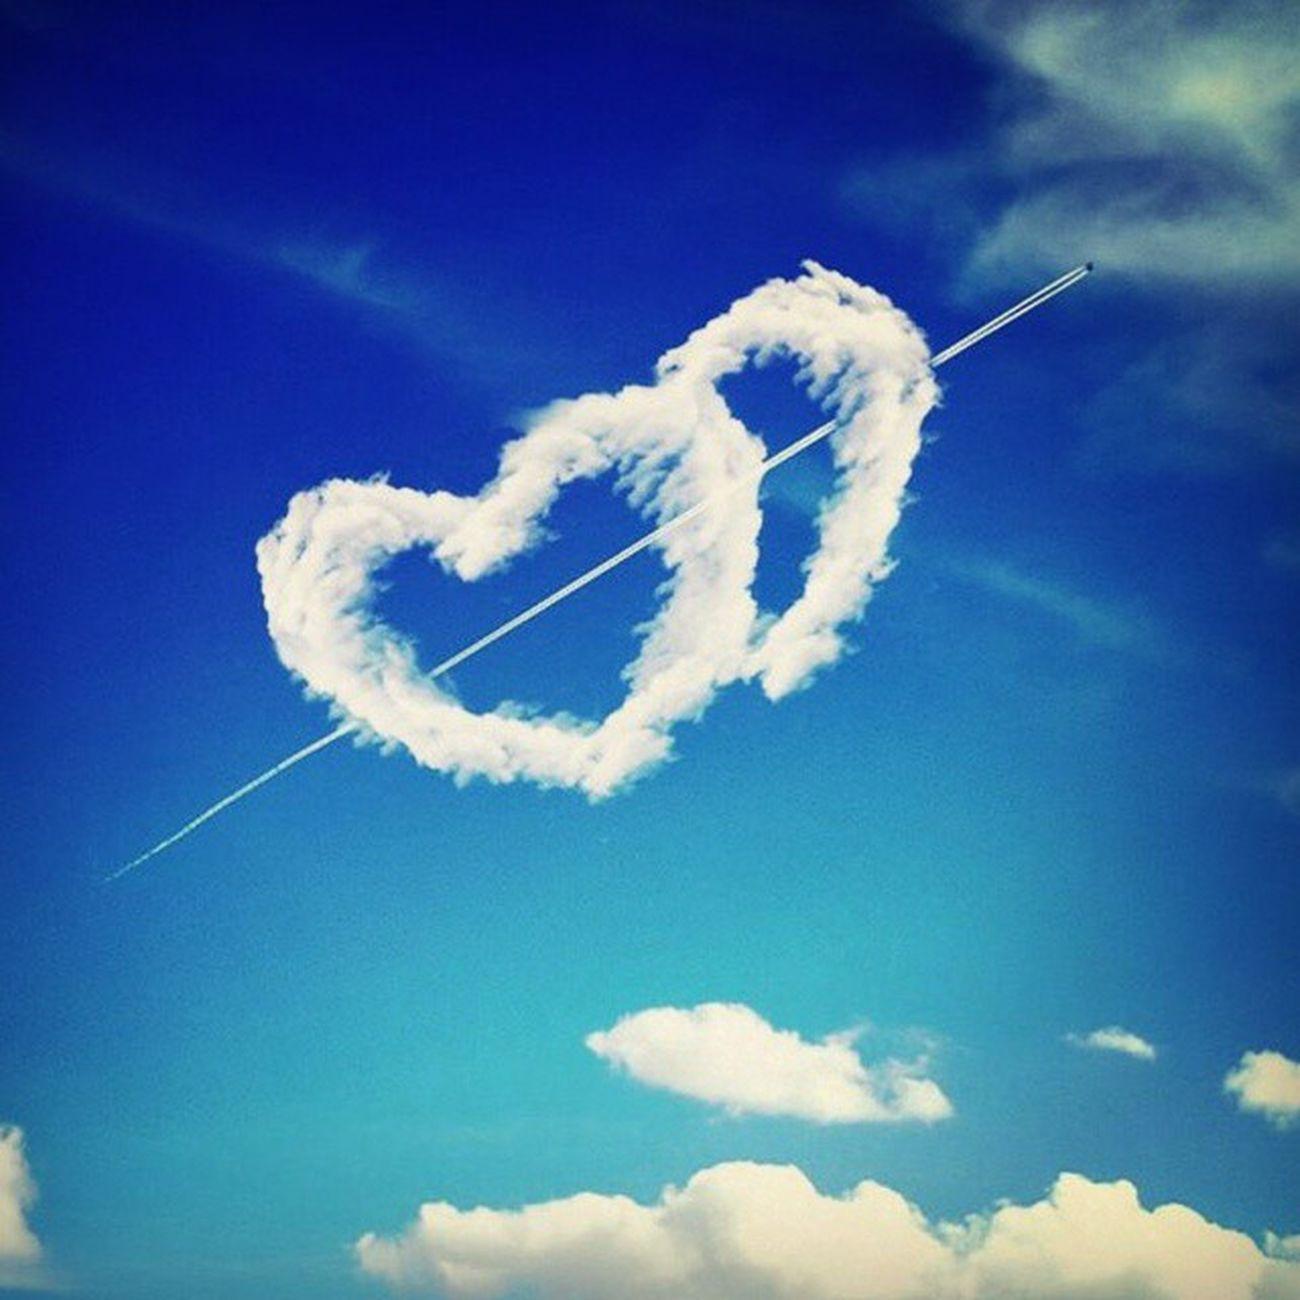 هناك من يعبث بسماء قلبي? صور تصاميم مشاعر الحب السعودية